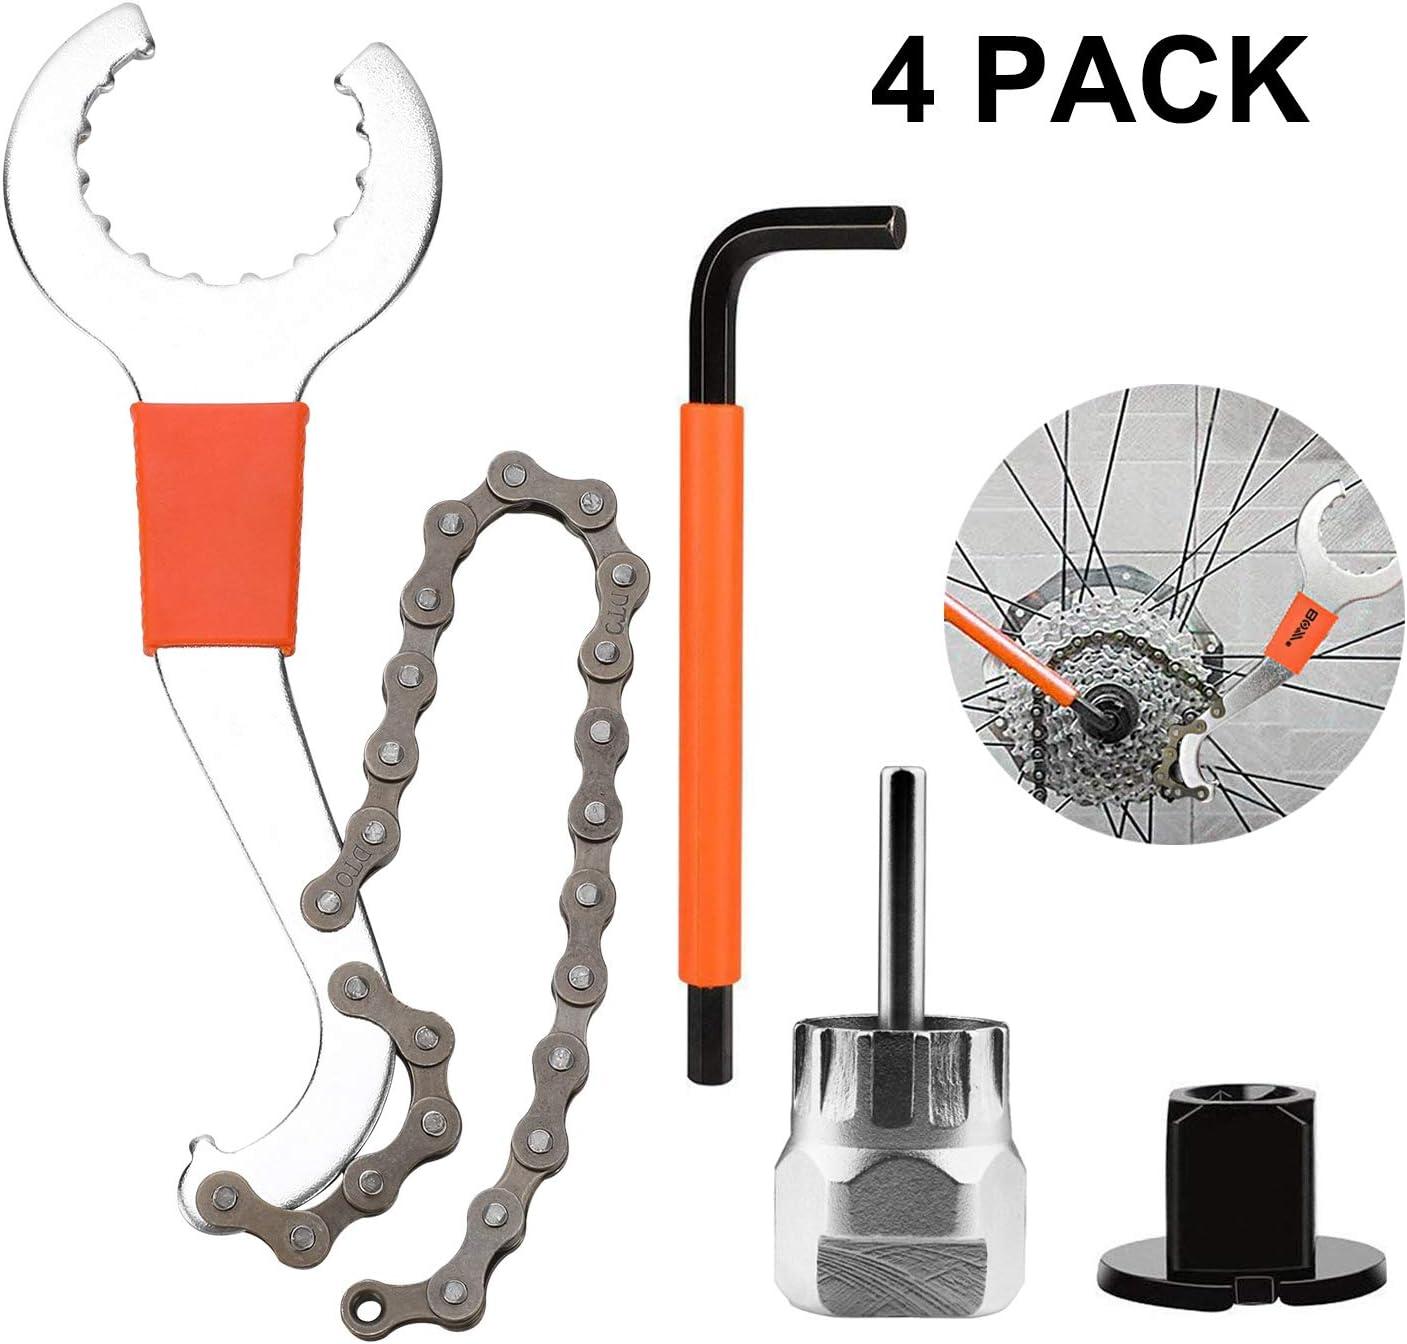 Qkurt - Juego de herramientas para quitar piñones de bicicleta, herramienta de extracción de casete de bicicleta con cadena, llave auxiliar, rotor y extractor de piñones